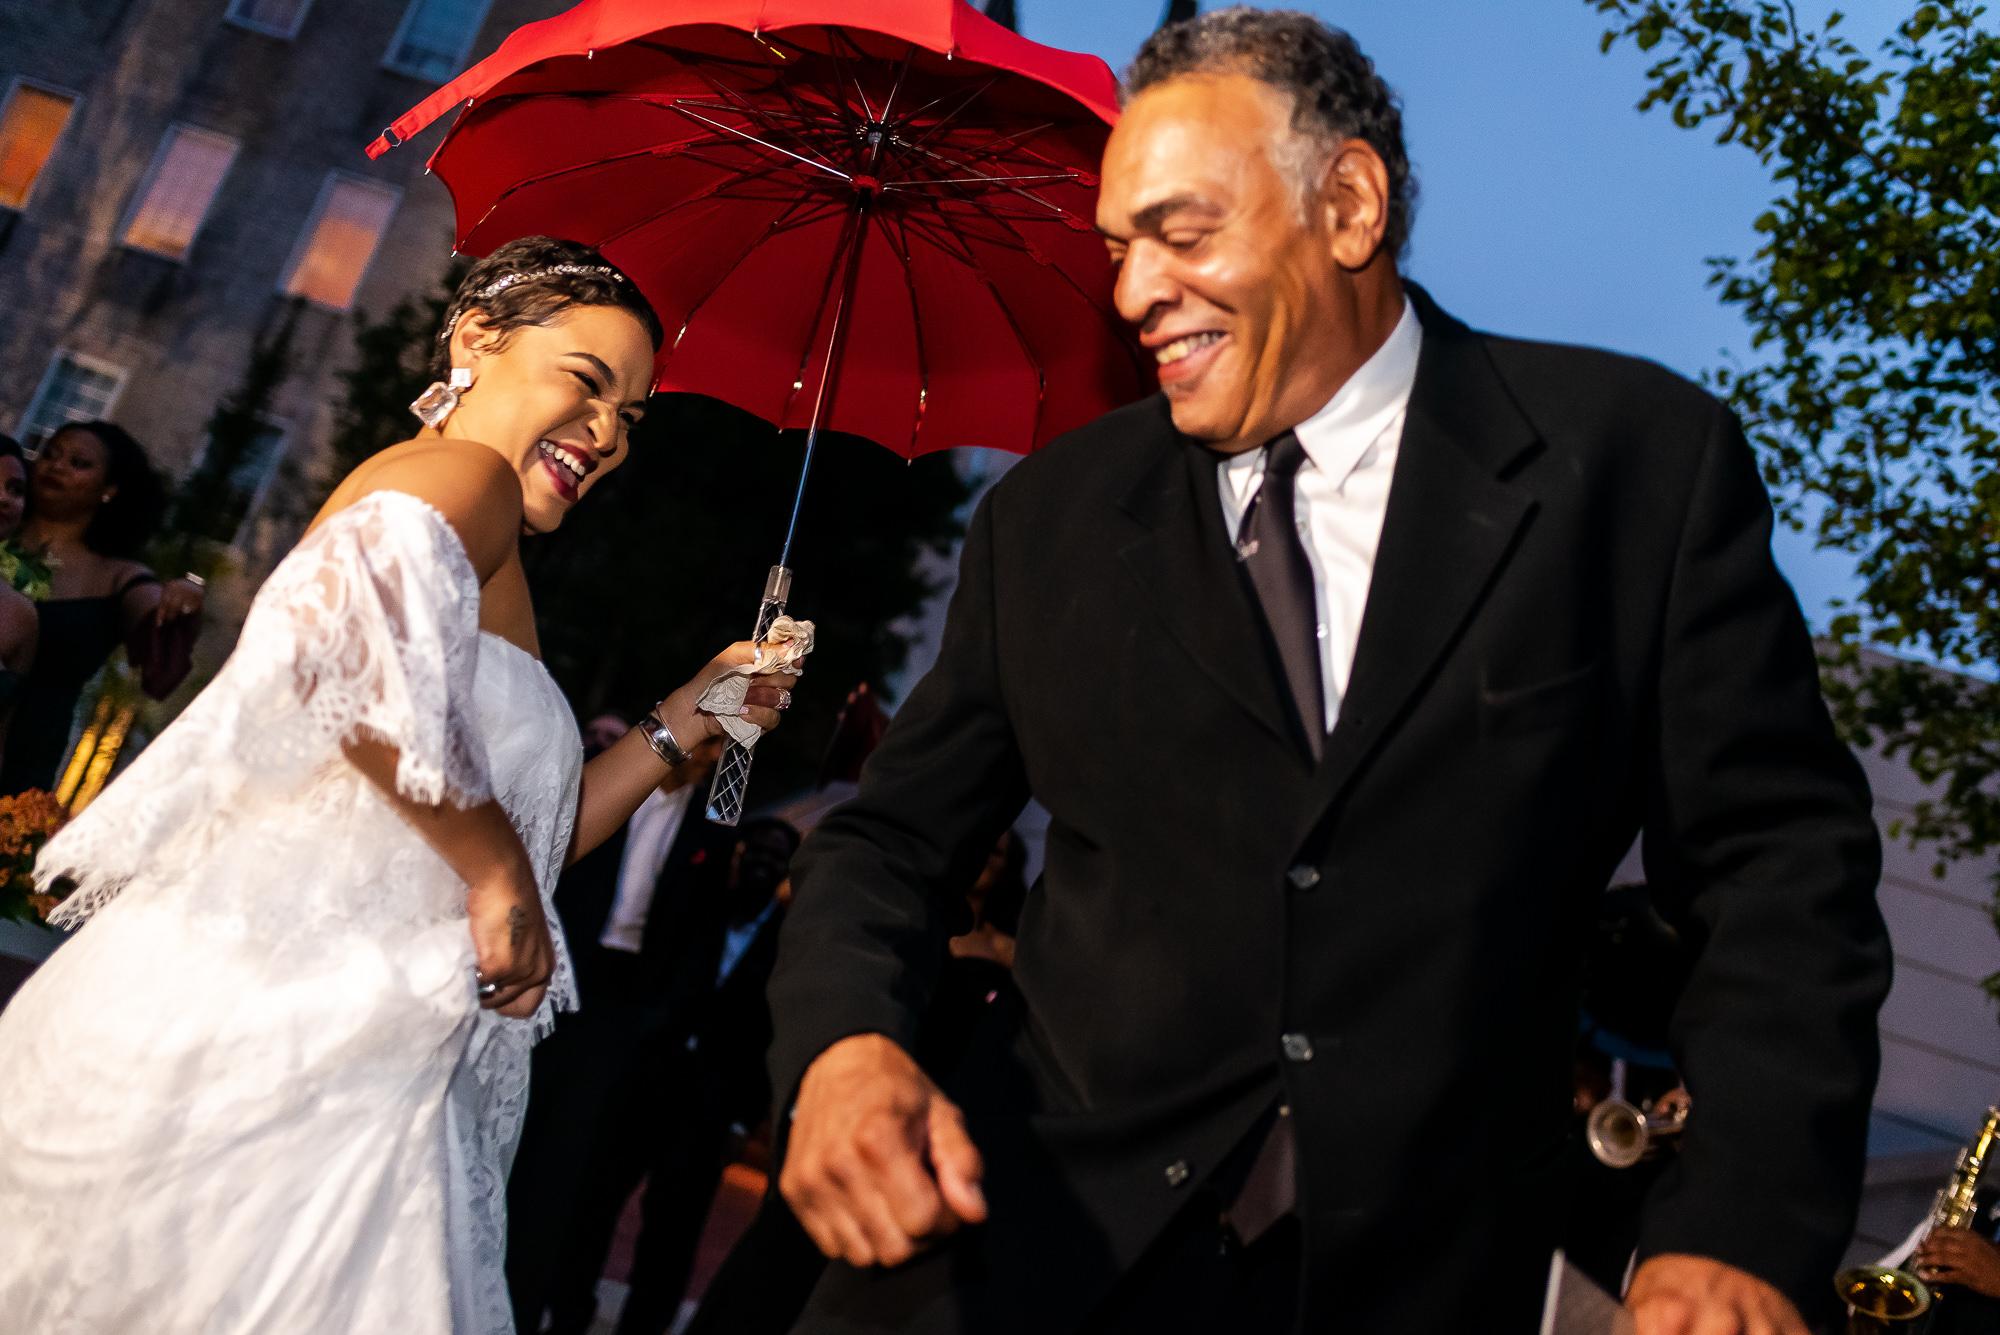 046-046-christopher-jason-studios-university-of-maryland-wedding-raheem-Devaughn-african-american-bride-and-groom.jpg